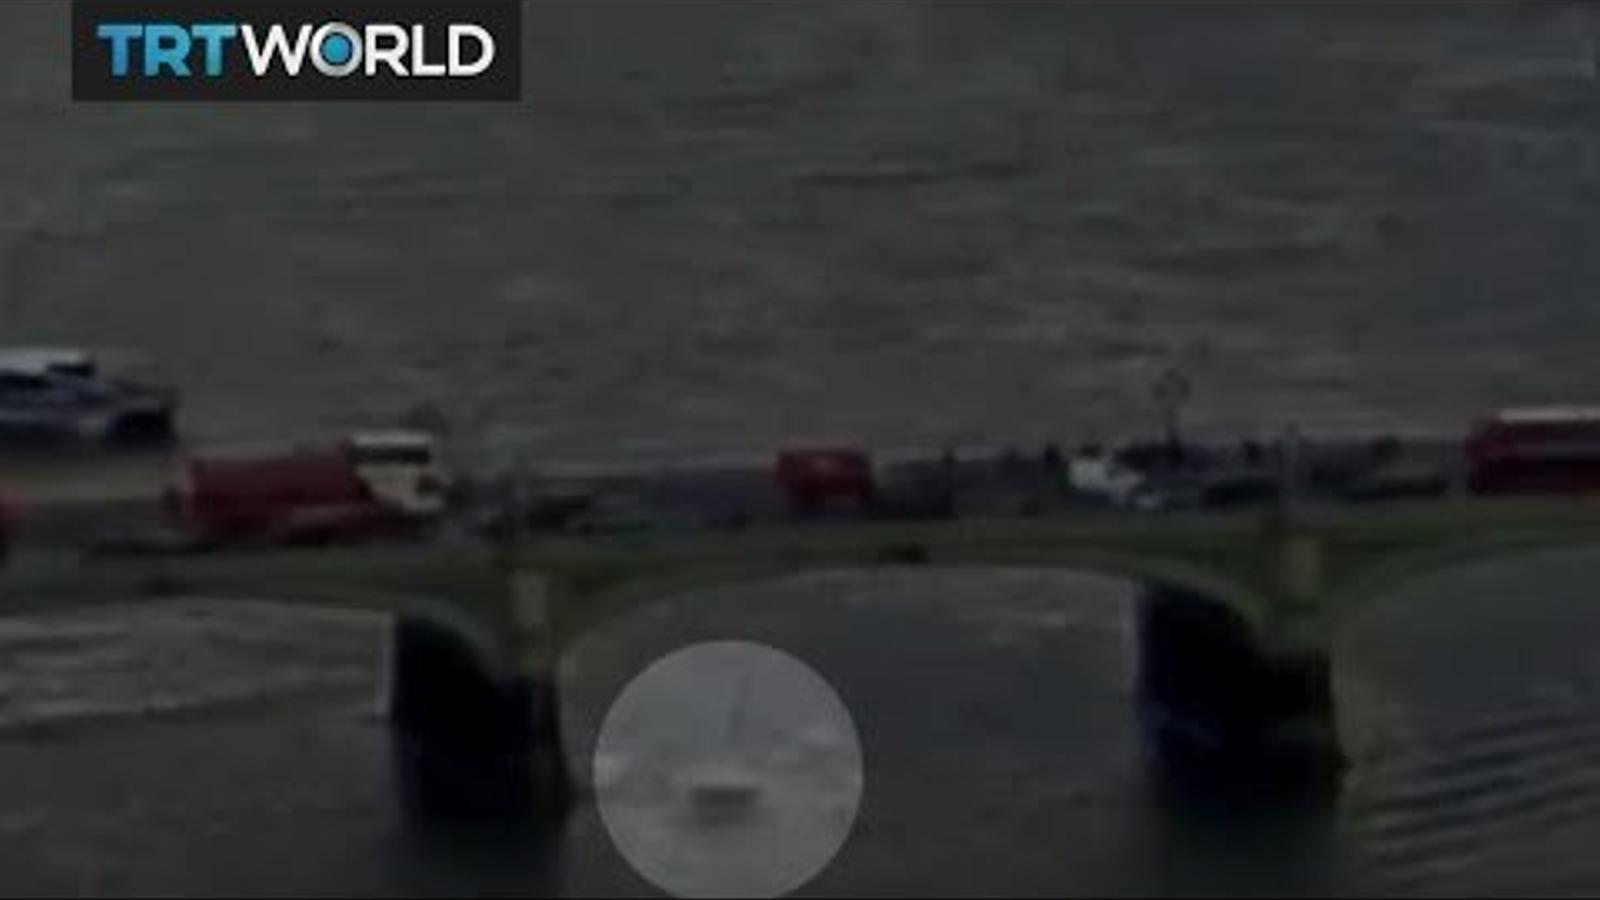 Vídeo en què es mostra com cau una dona al riu Tàmesis.